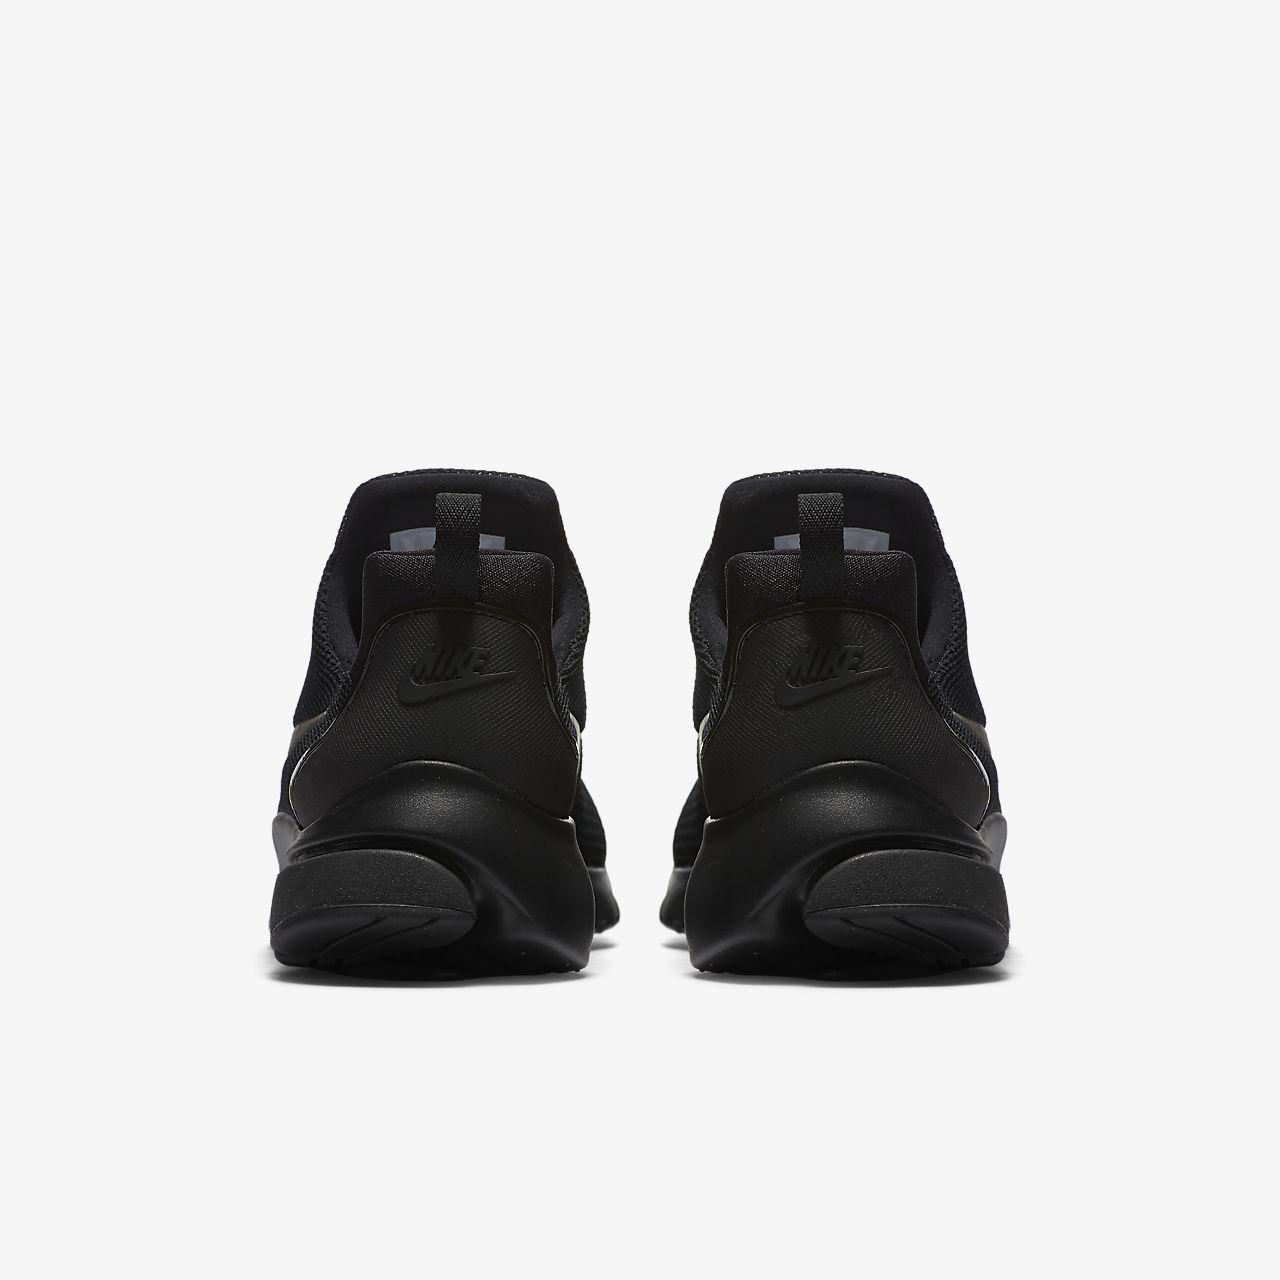 50f001ab5b6e Pánská bota Nike Presto Fly. Nike.com CZ